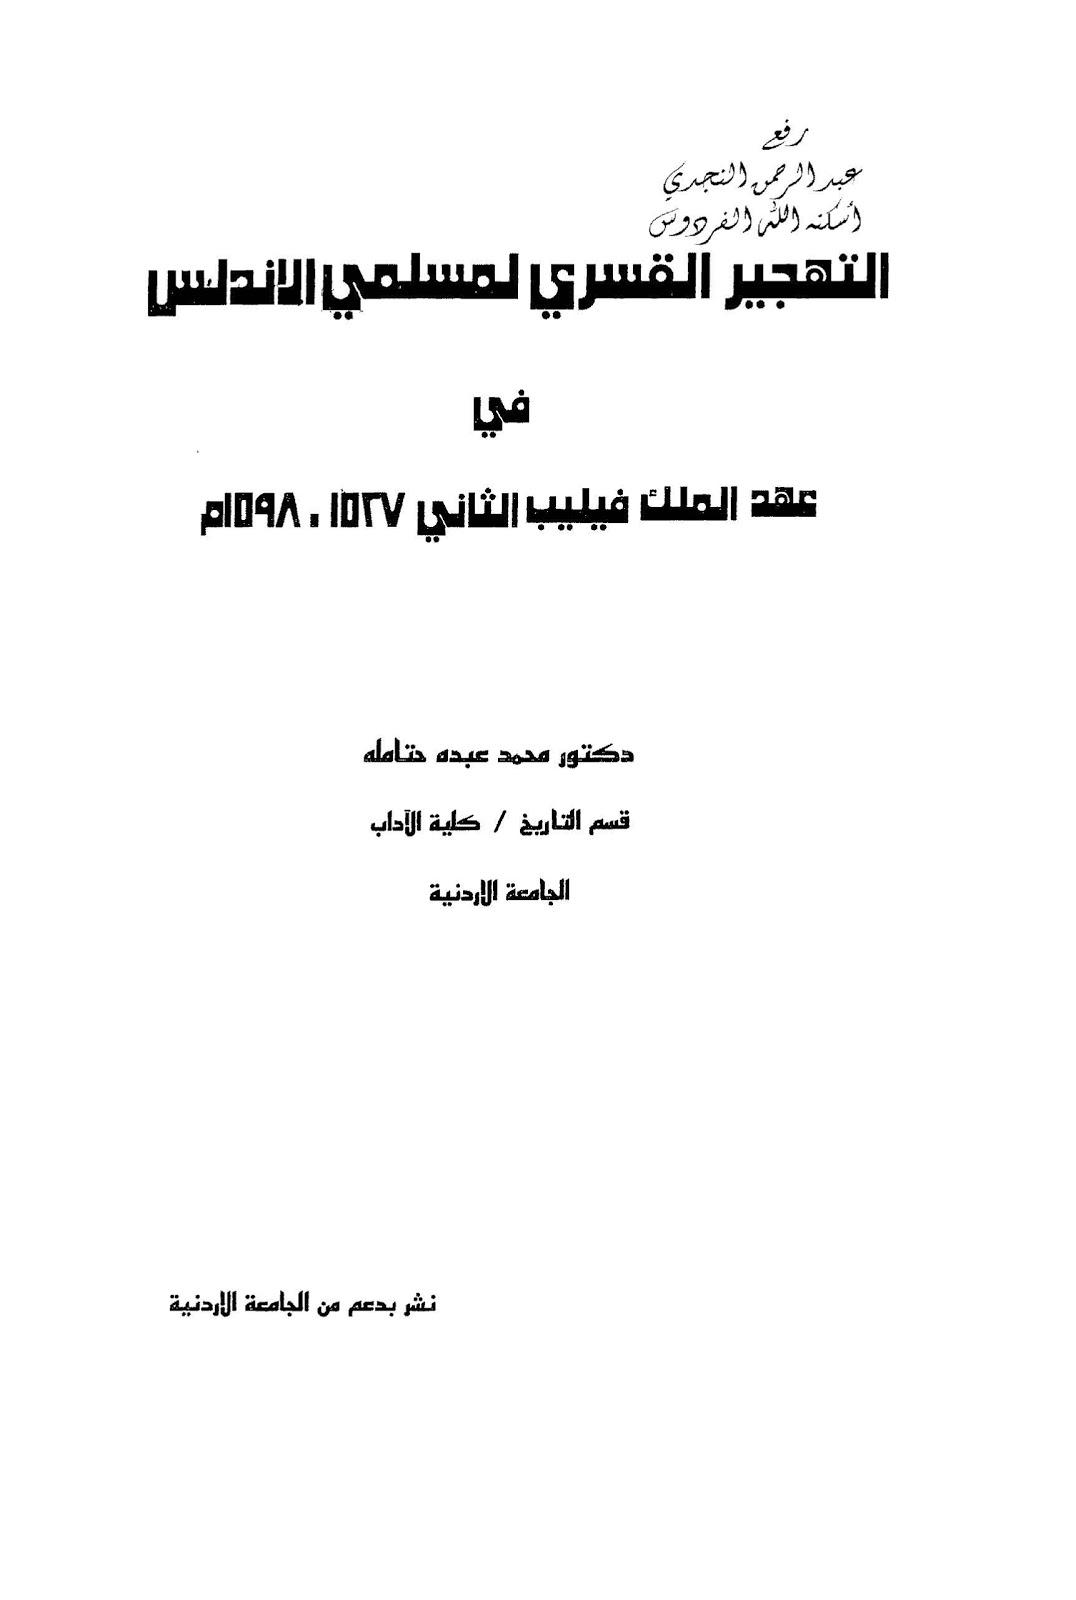 التهجير القسري لمسلمي الأندلس في عهد الملك فيليب الثاني - محمد عبده pdf